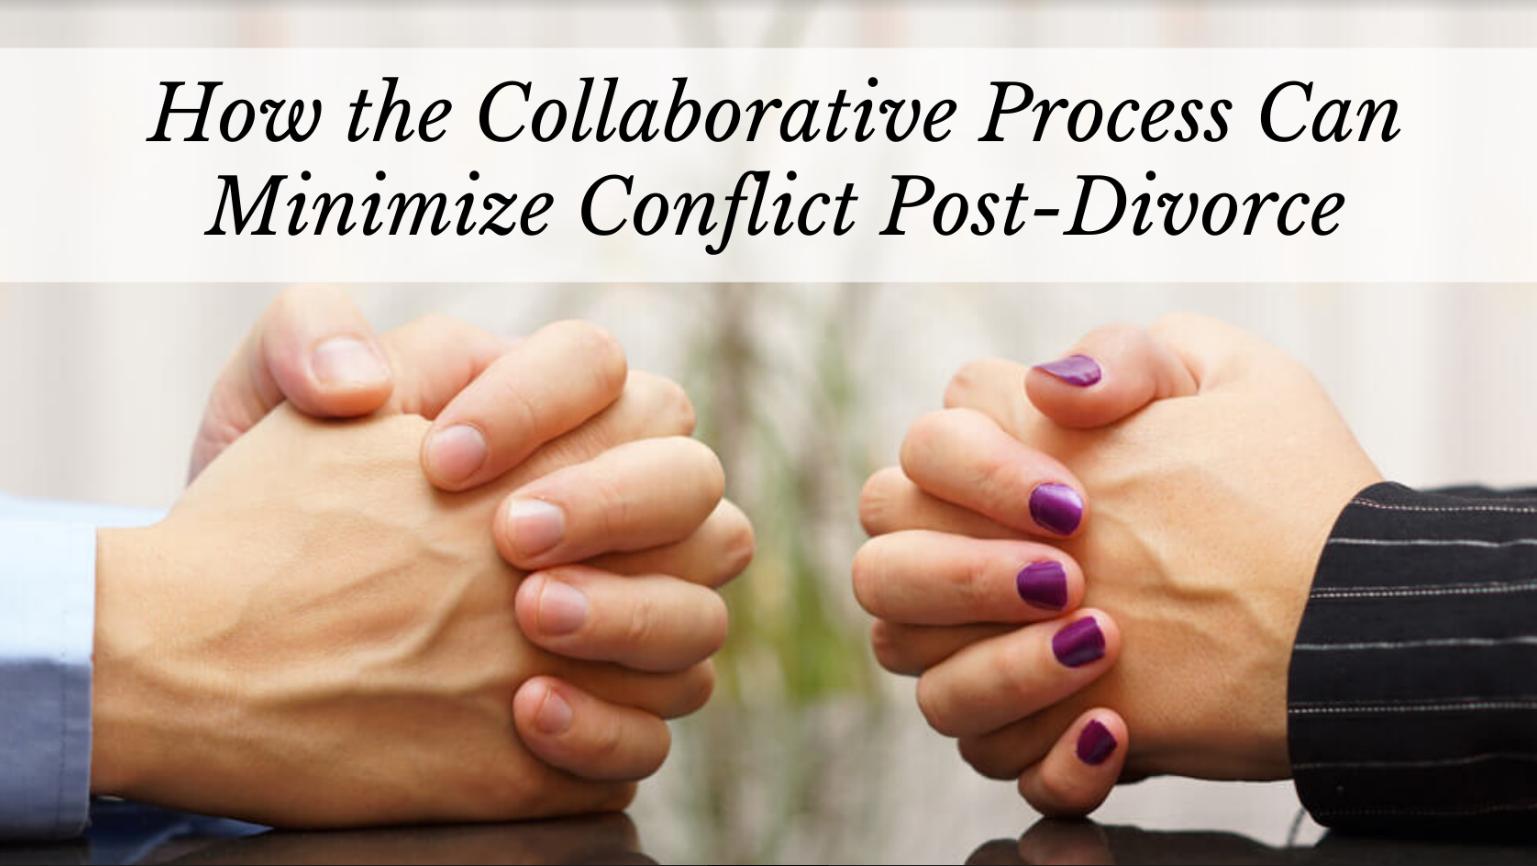 Minimize Conflict